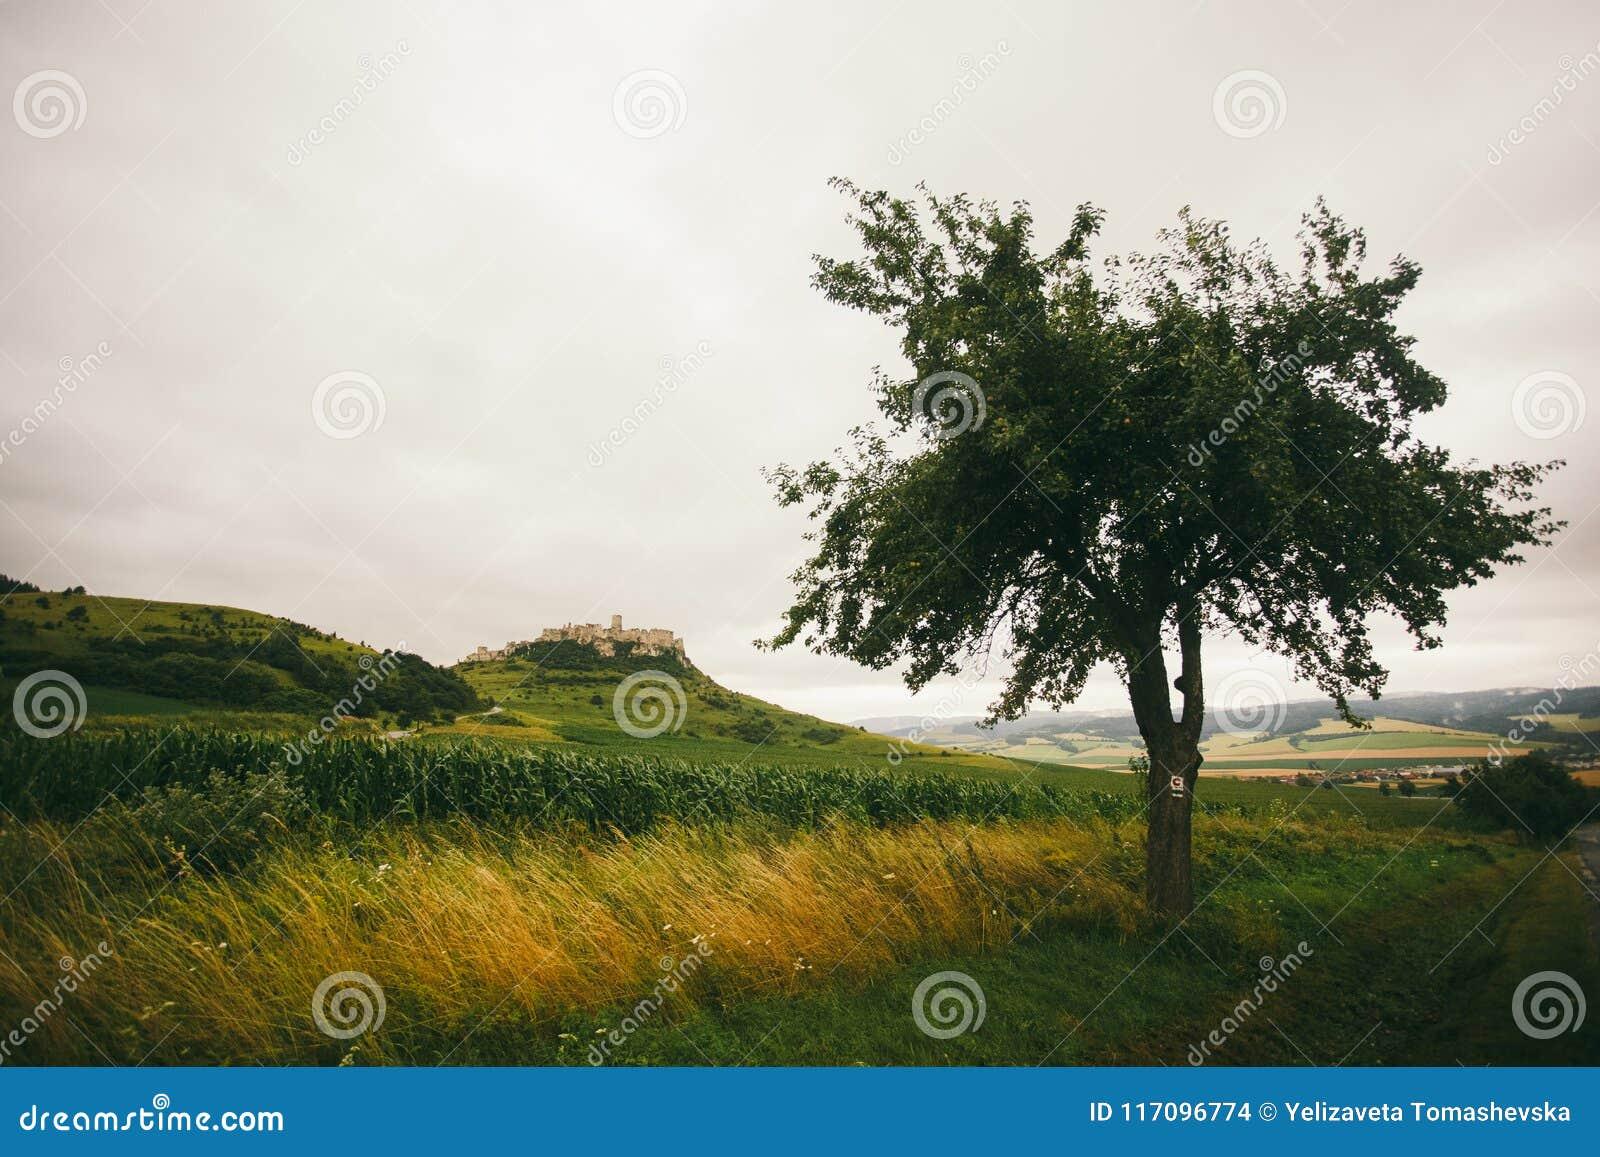 Πόλη και Spis Castle Spissky Podhradie Spisske hrad, περιοχή Presov, της Σλοβακίας Άποψη του κάστρου από το δρόμο που οδηγεί στον